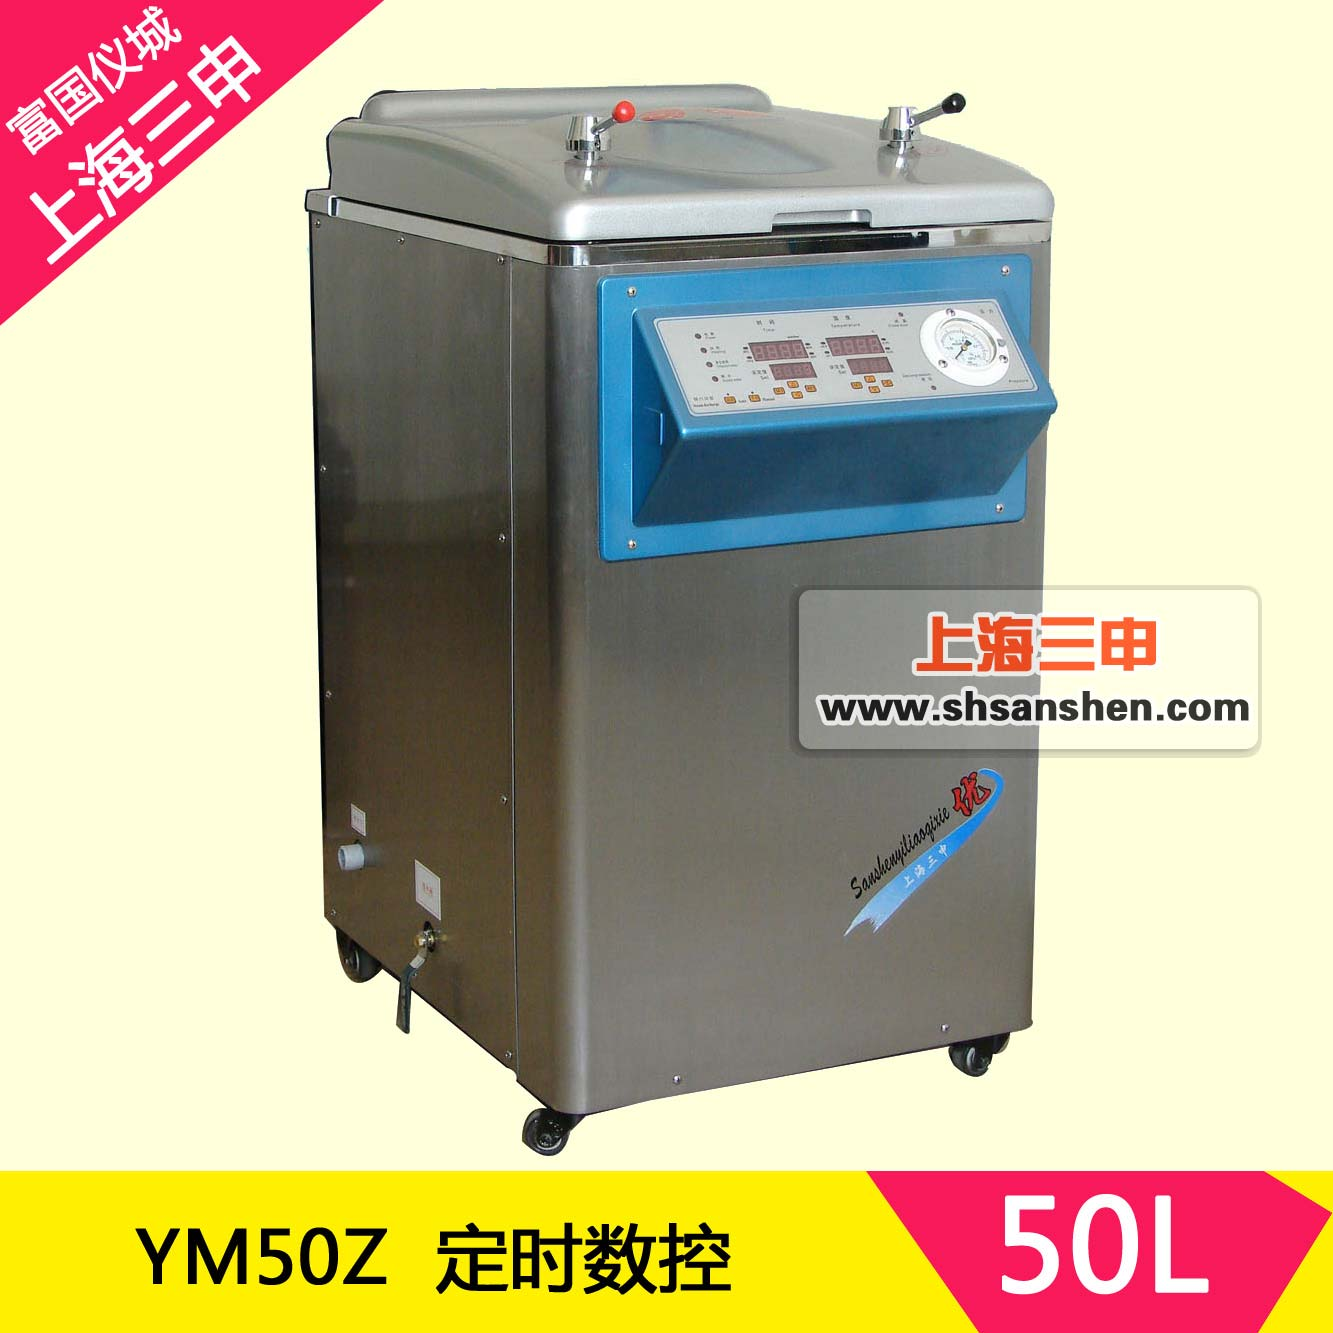 上海三申不锈钢立式压力蒸汽xx色综合YM50Z 定时数控50L 高压蒸汽灭菌锅